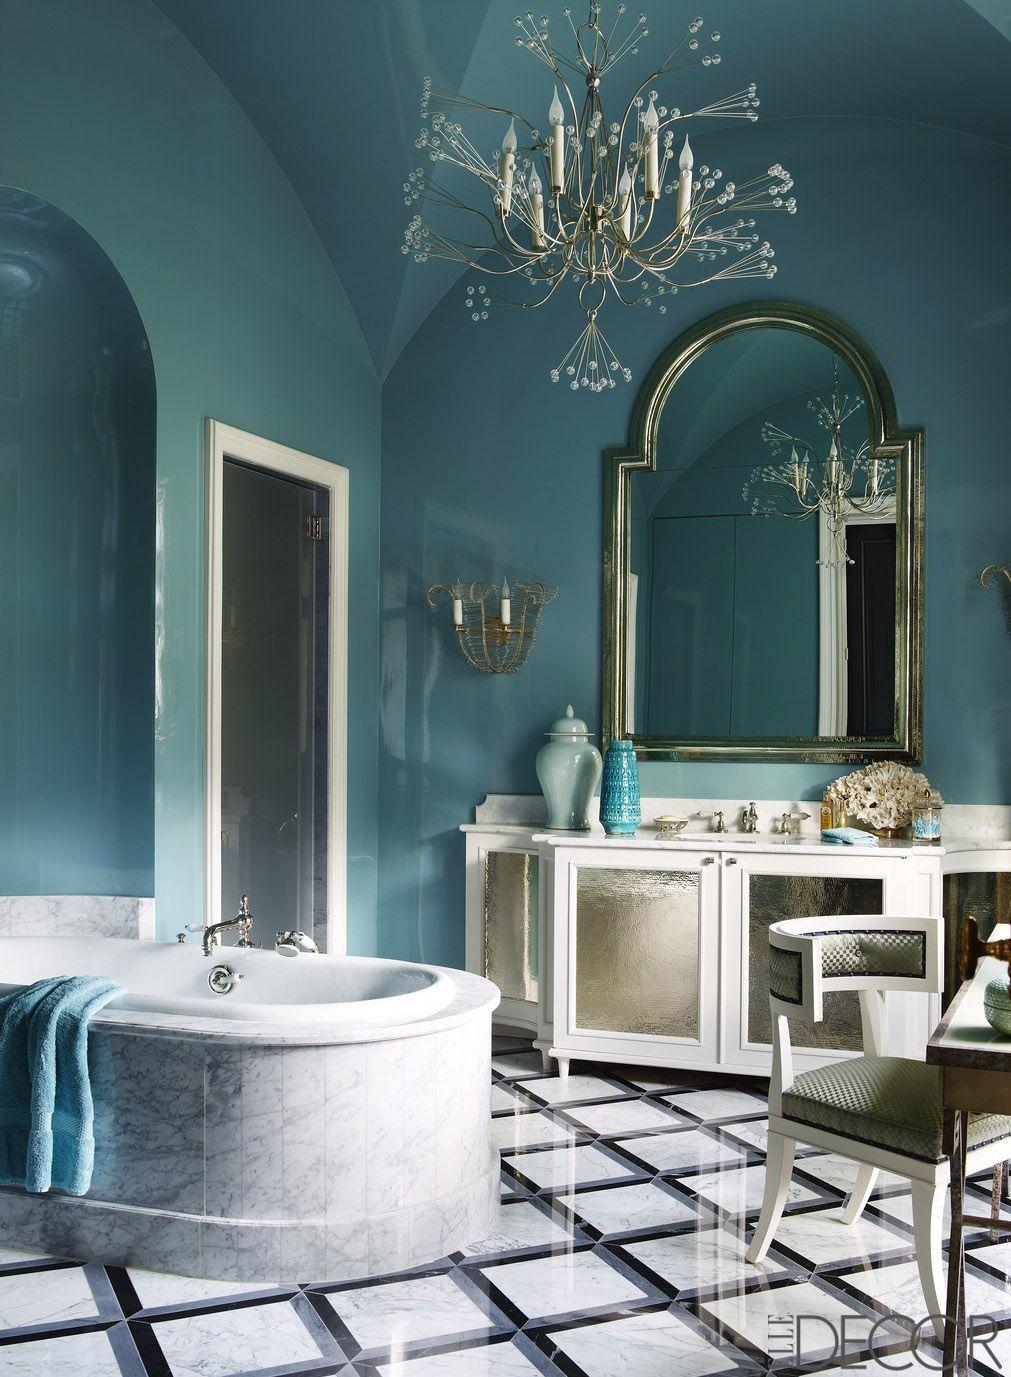 23 best bathroom paint colors top designers ideal wall paint hues rh elledecor com